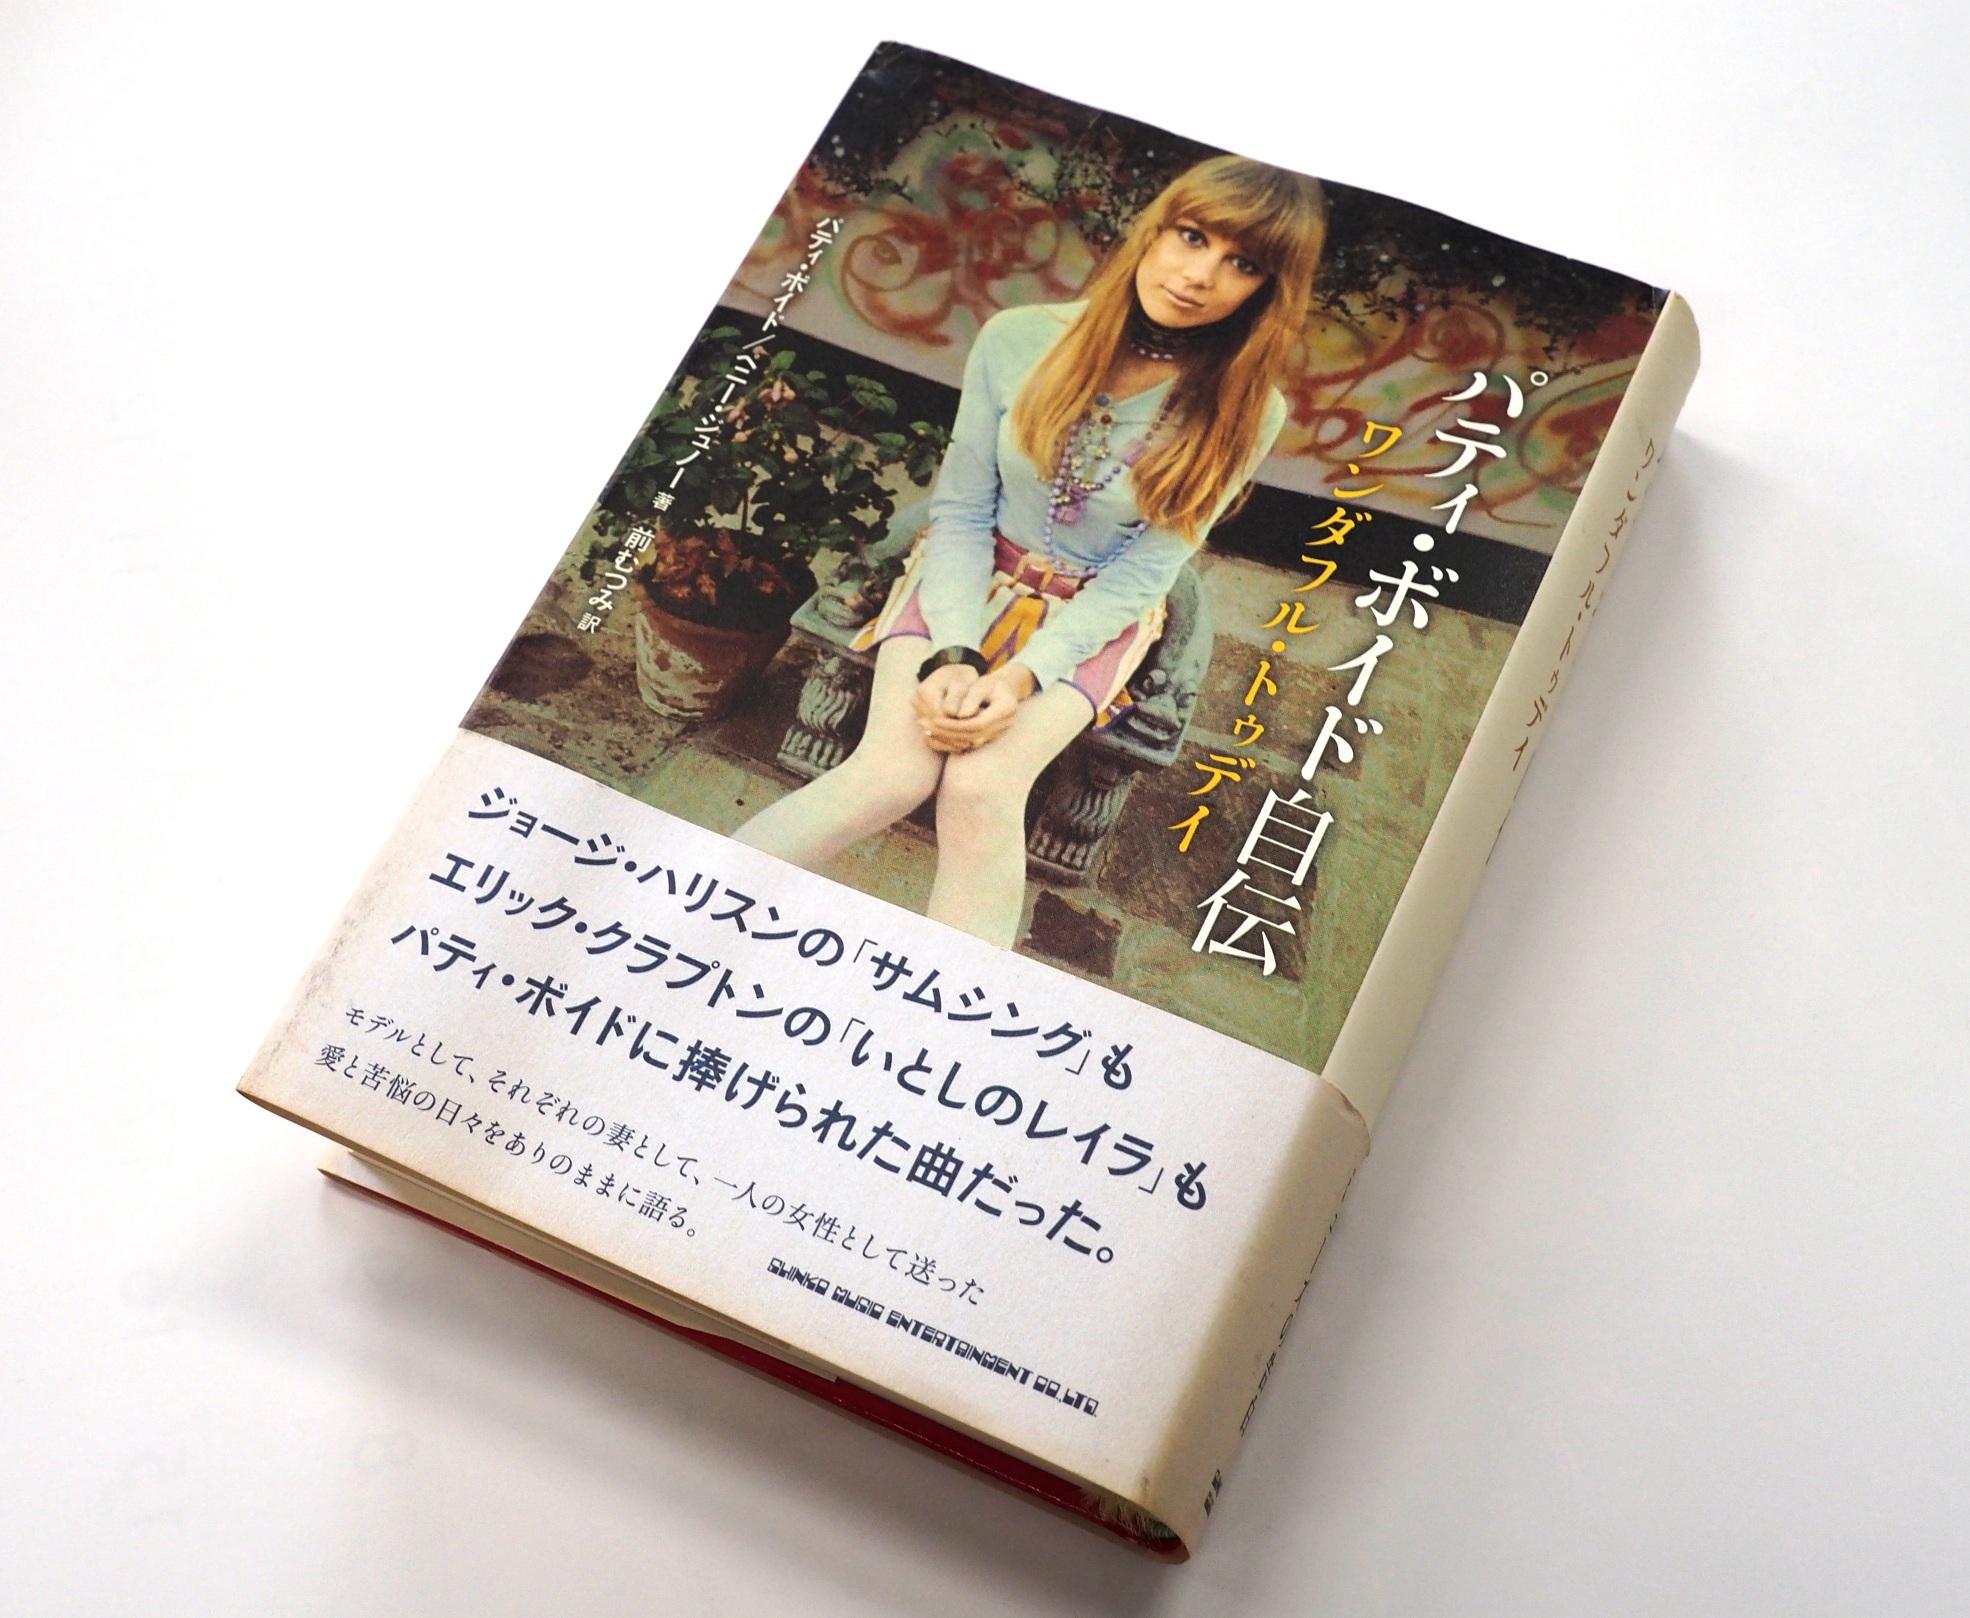 「パティ・ボイド自伝 ワンダフル・トゥデイ」(シンコー・ミュージック刊)